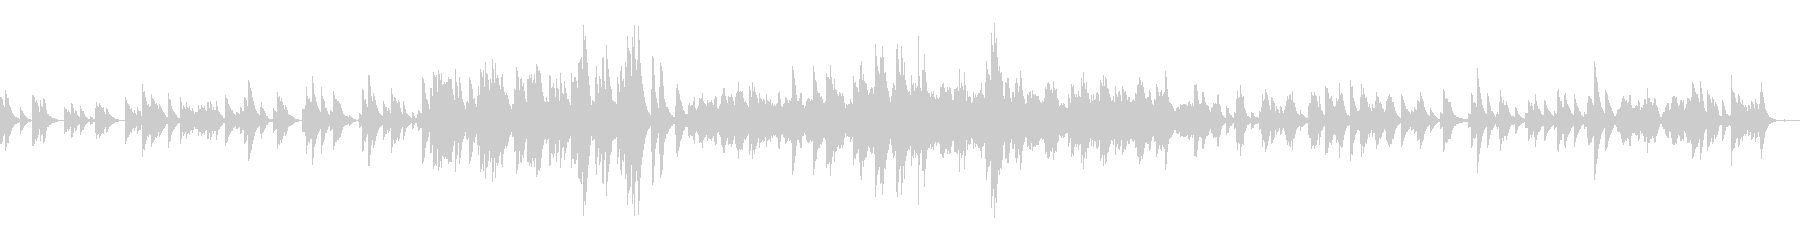 クラシック曲ドビュッシー月の光オルゴールの未再生の波形